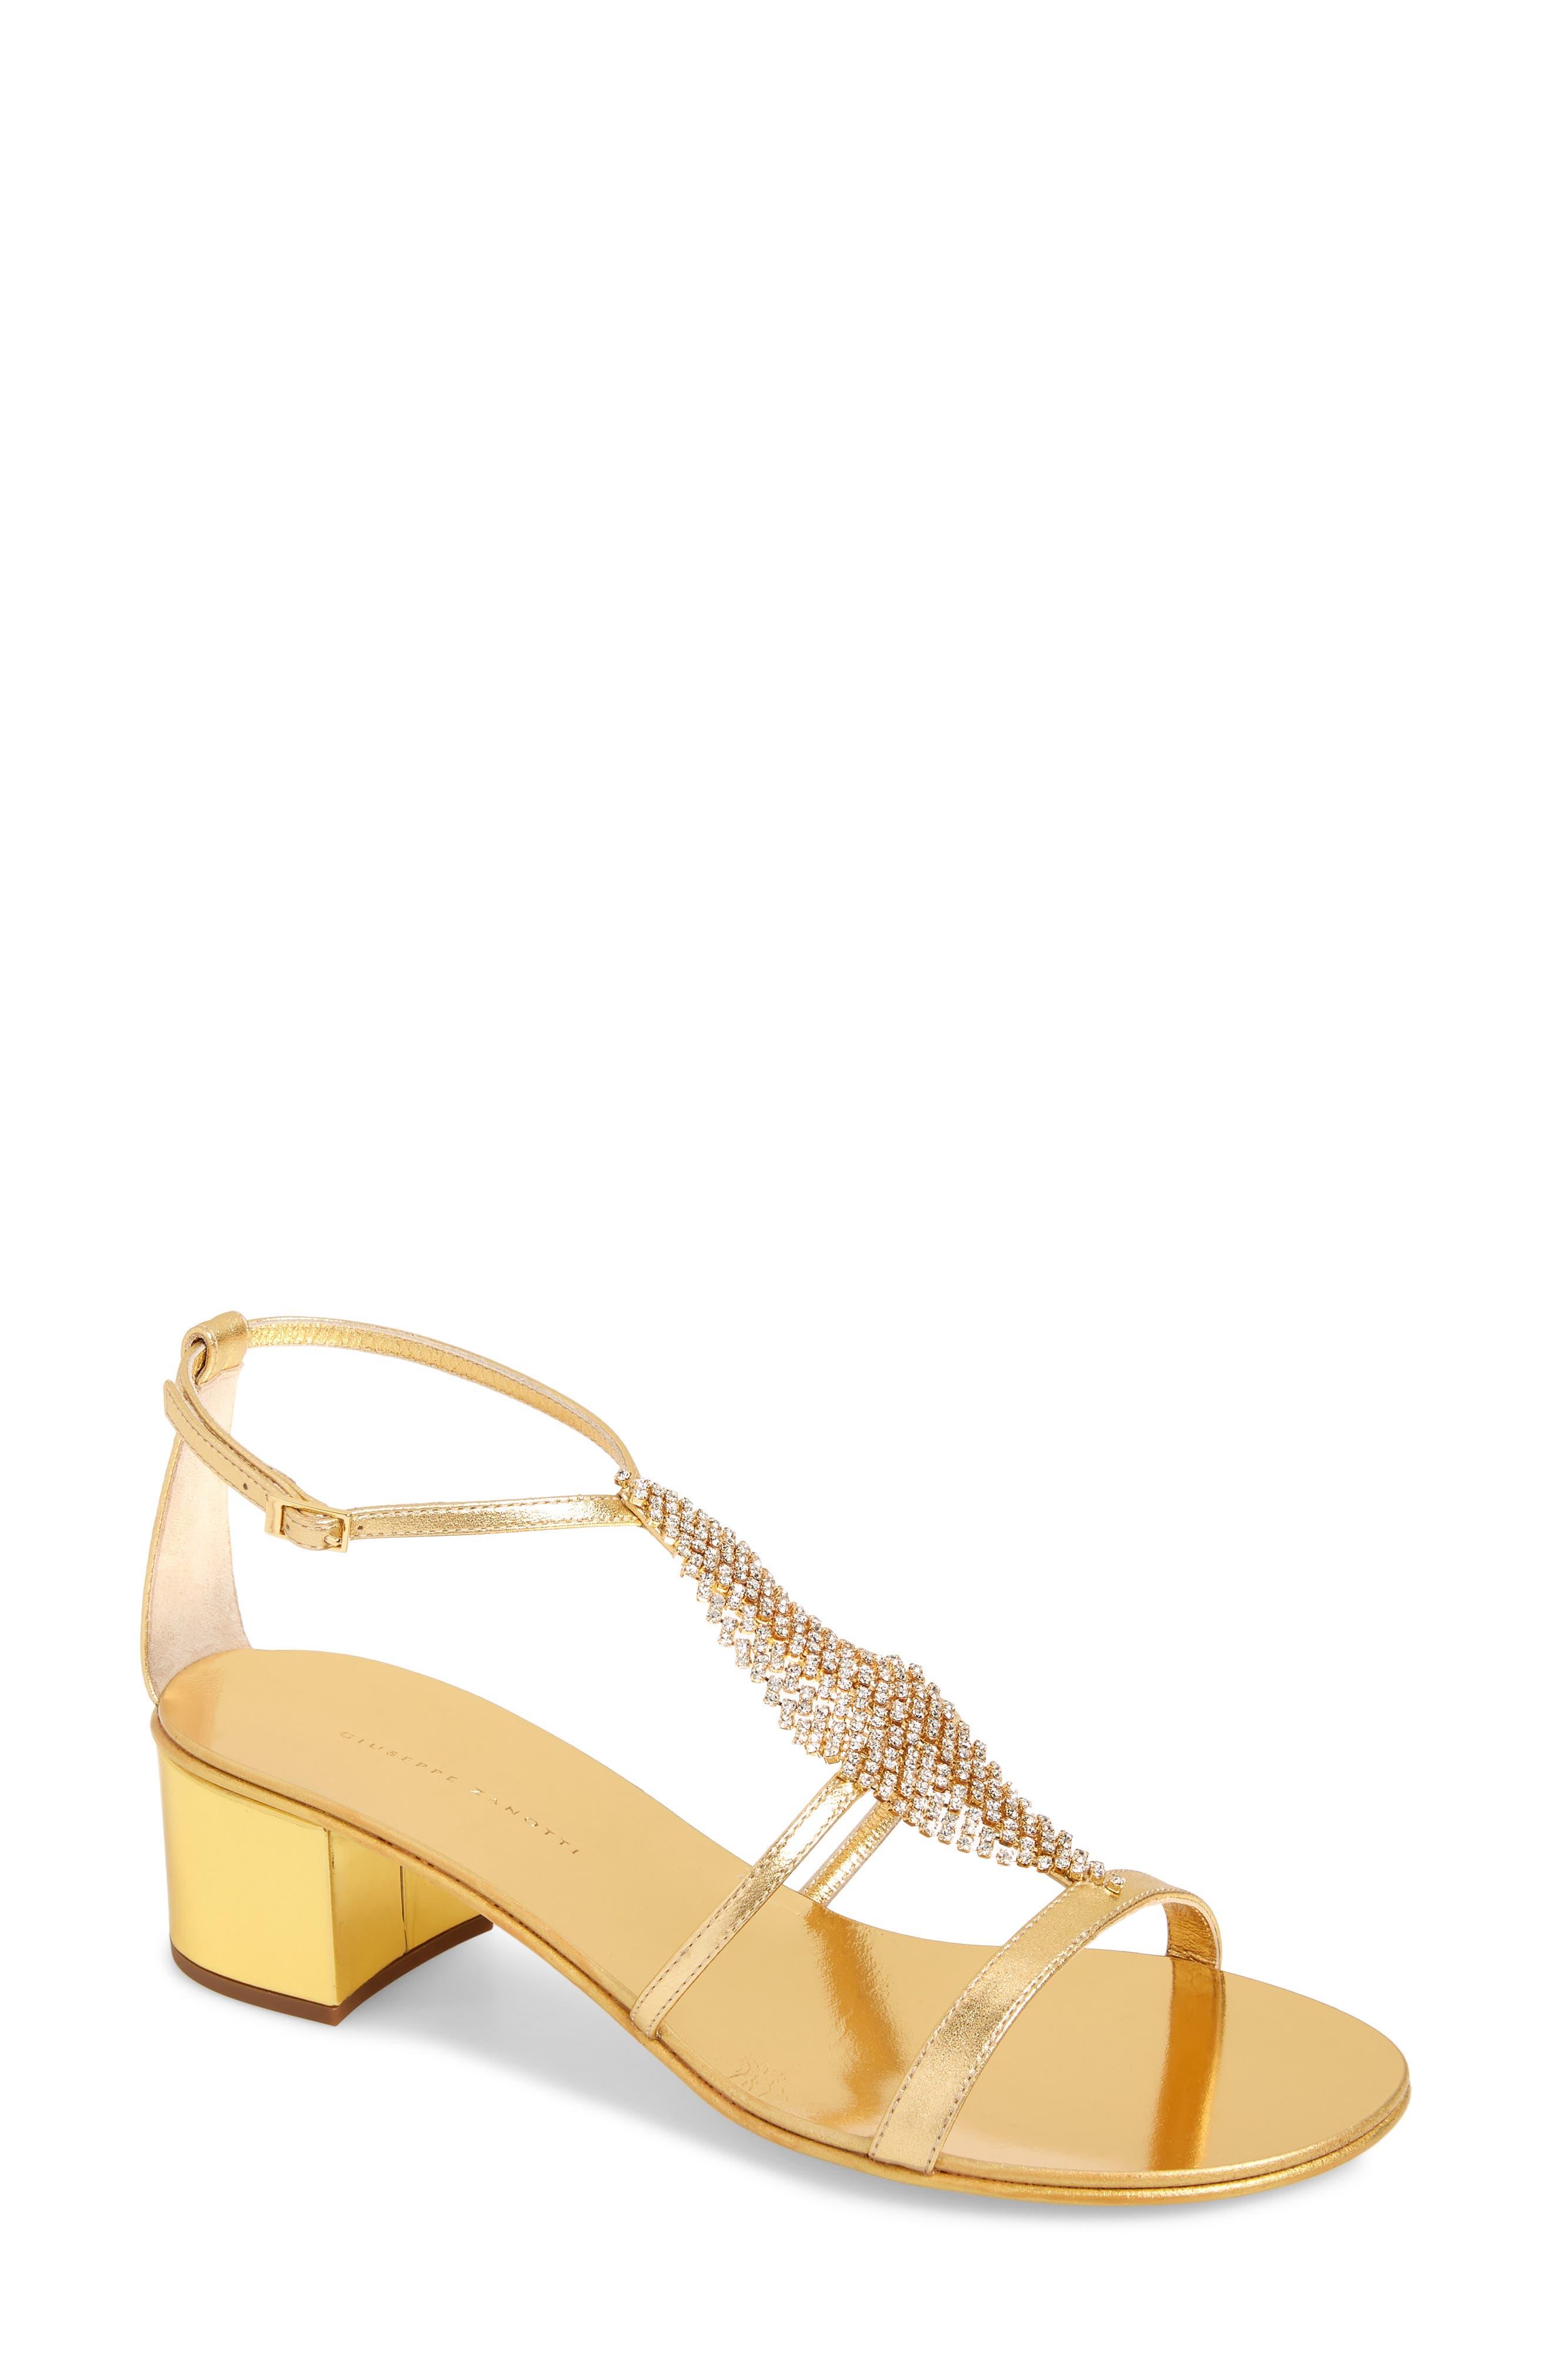 Crystal Embellished Metallic Sandal, Main, color, GOLD